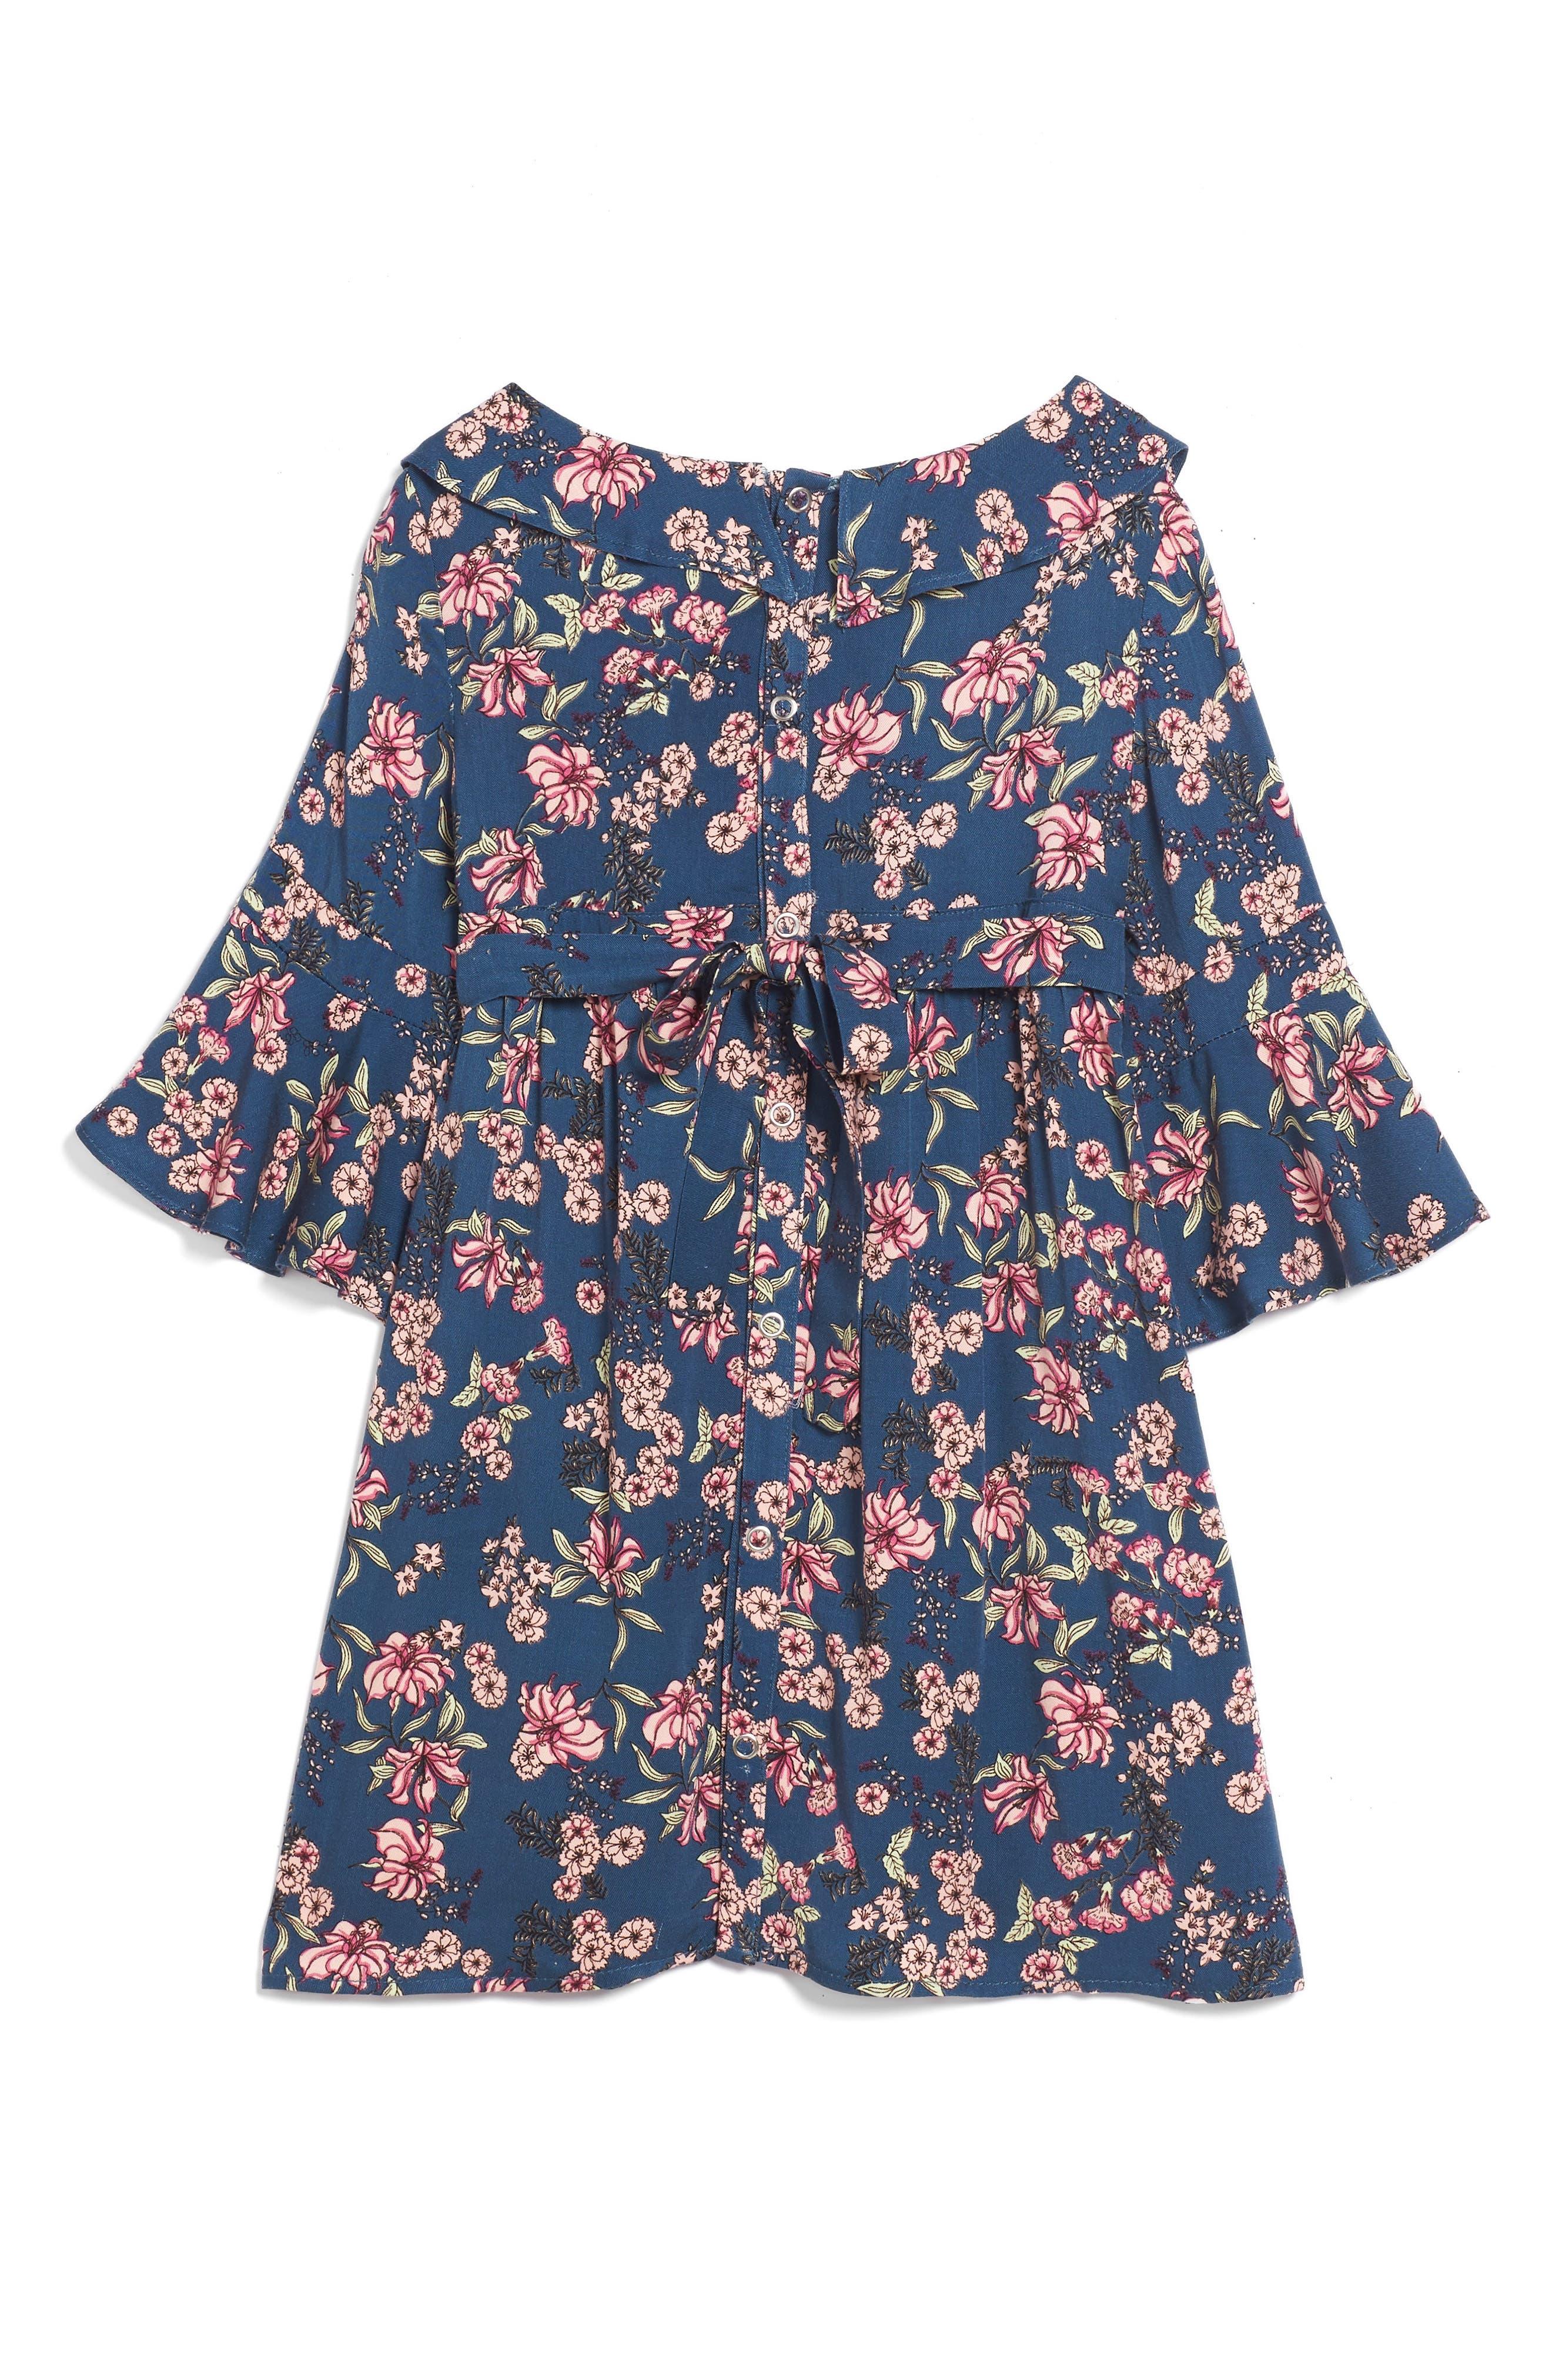 For Love & Lemons Juniper Floral Bell Sleeve Dress,                             Alternate thumbnail 2, color,                             410